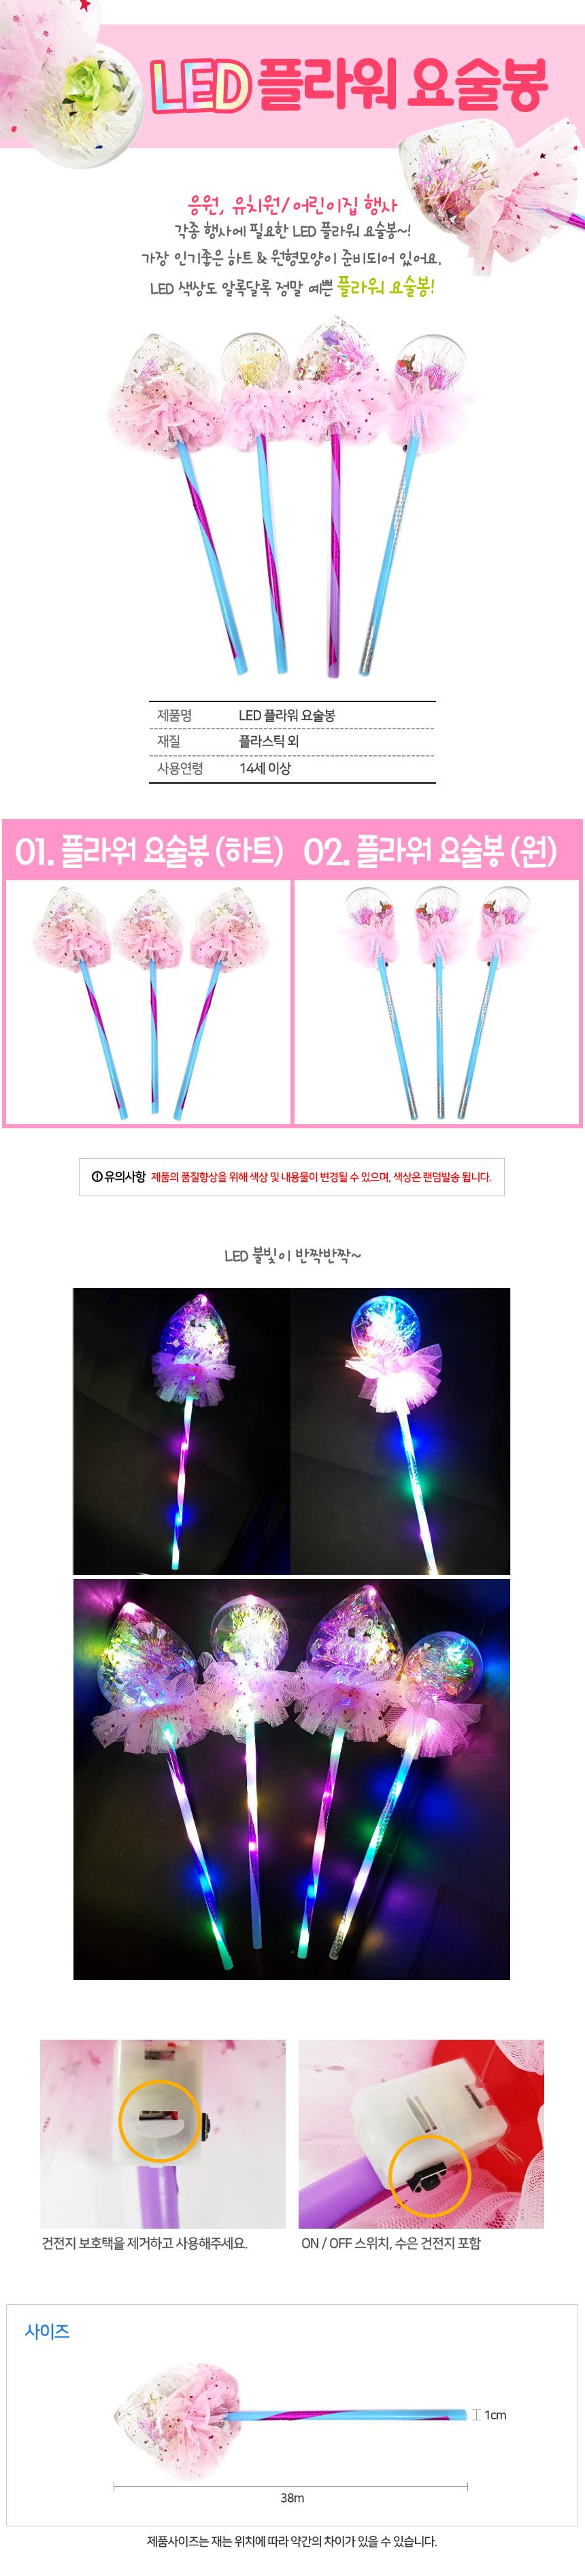 led_flower.jpg